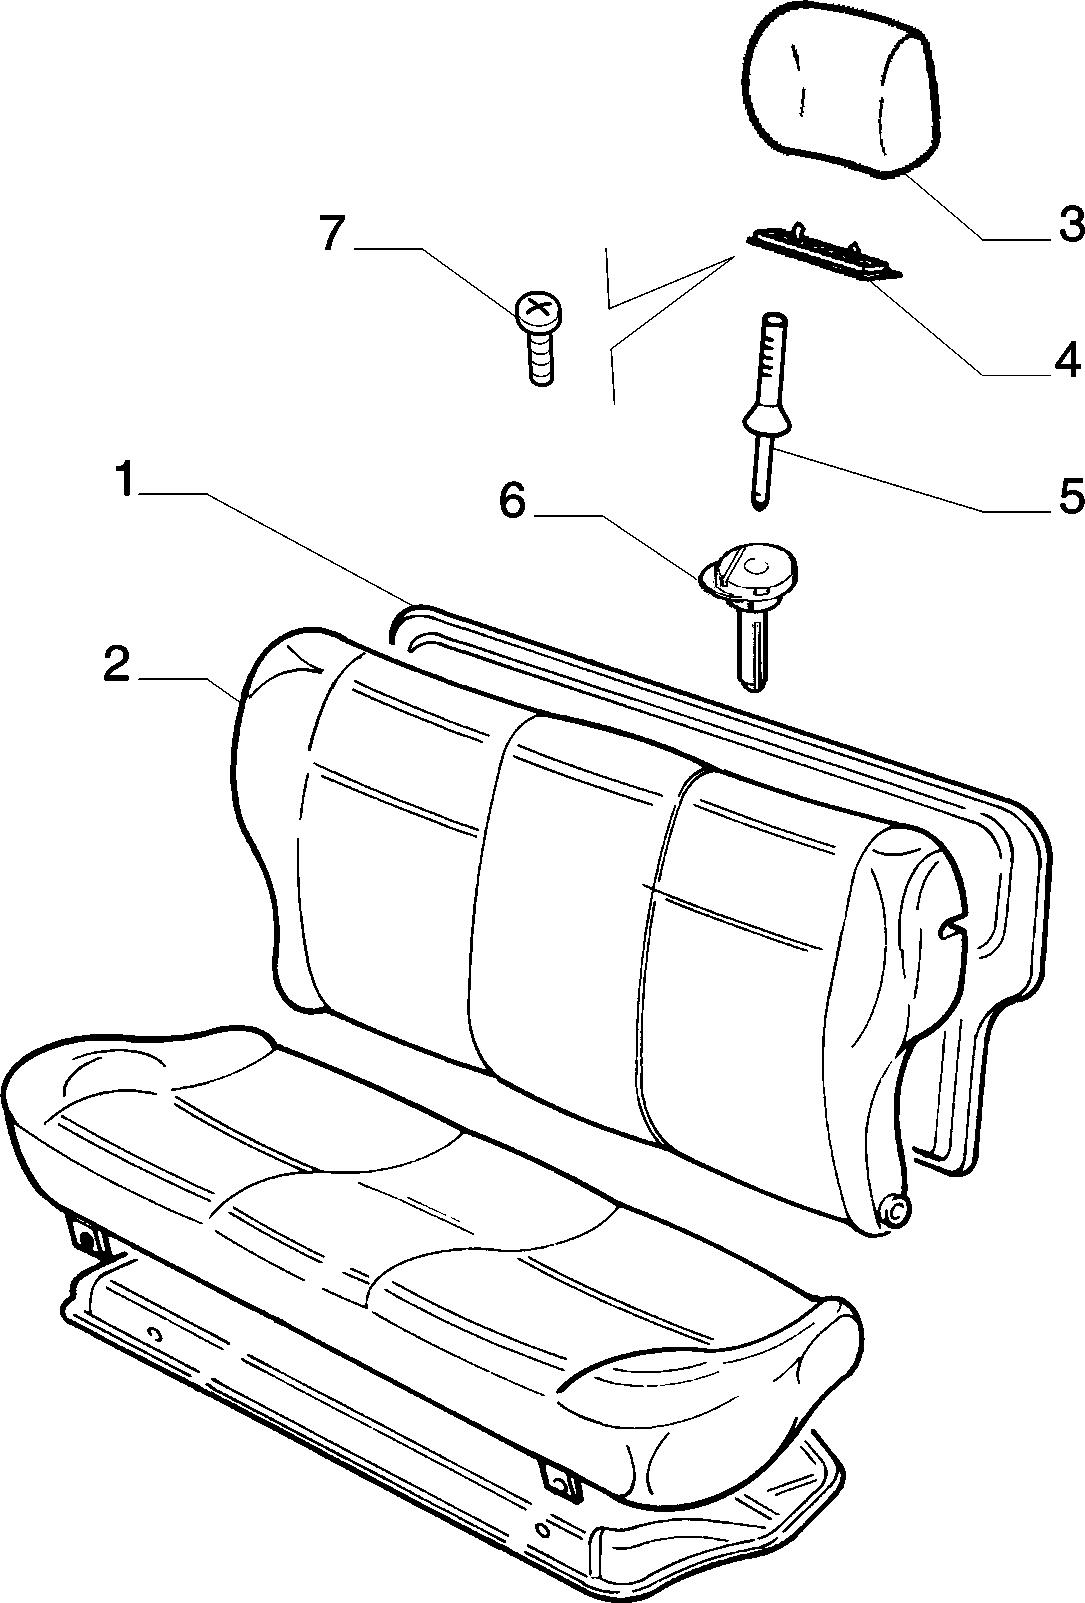 70613/03 REAR SEAT